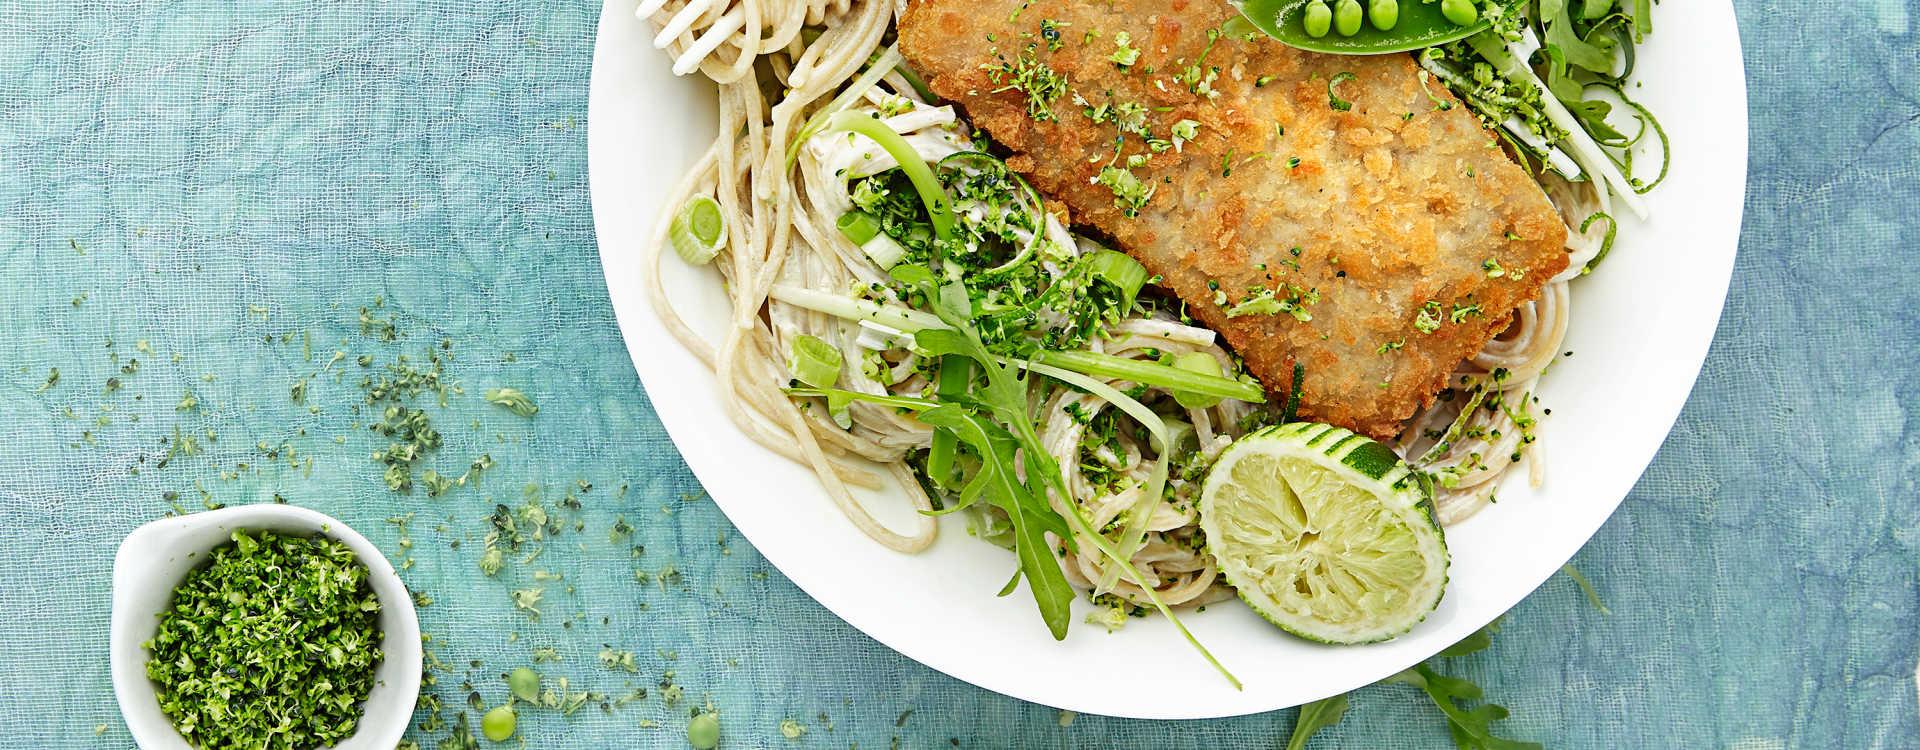 Panert sei med kremet limepasta og ferske grønnsaker